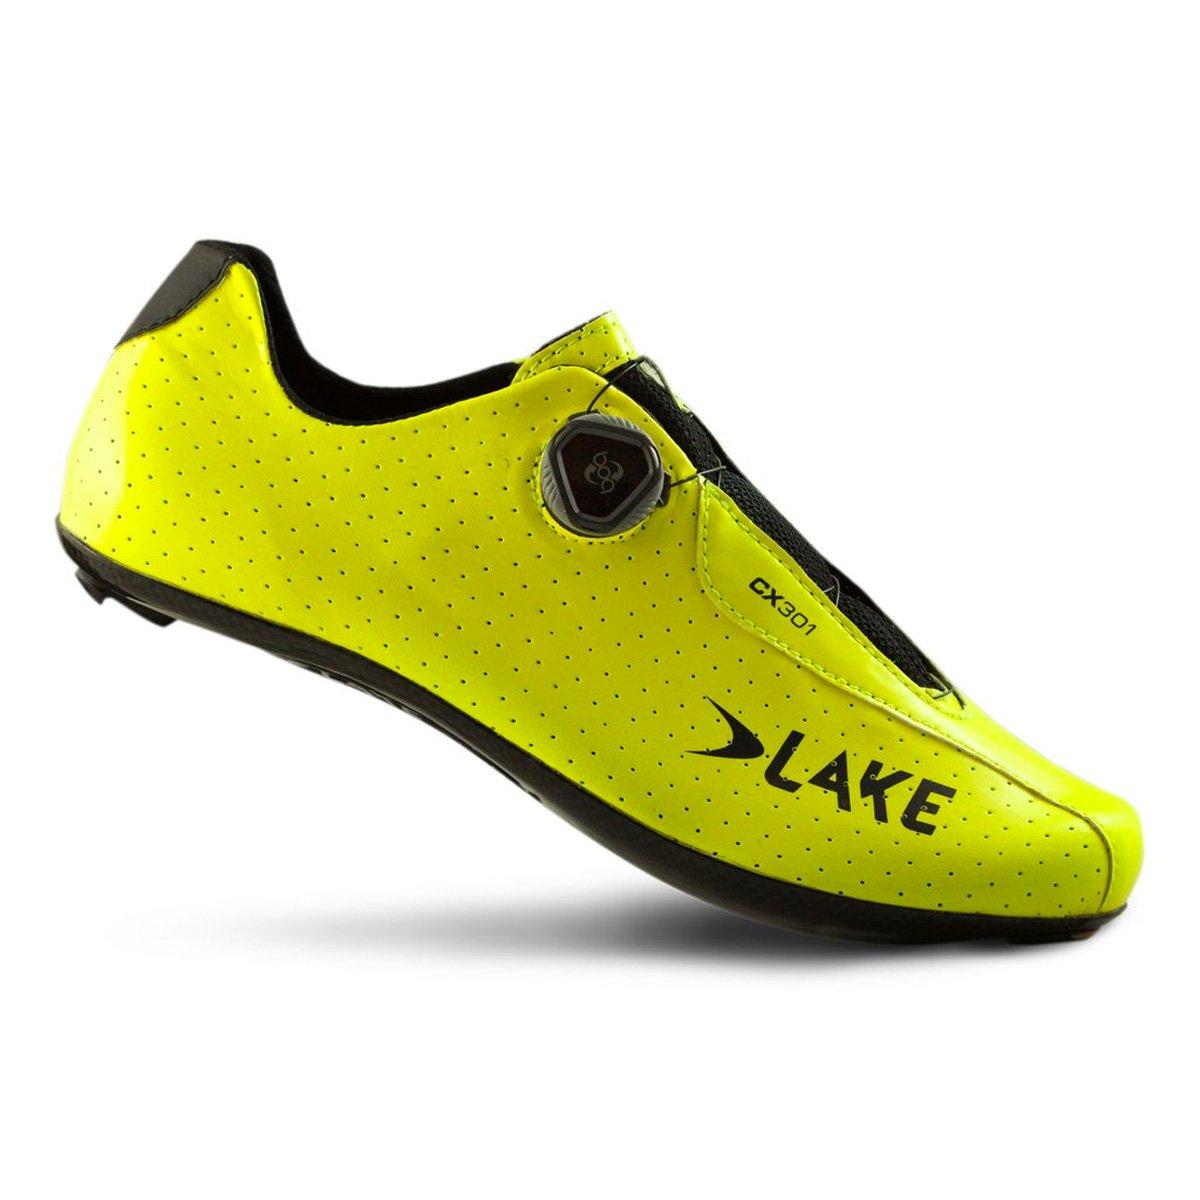 湖cx301 Cycling Shoe – Wide – Men 's B06XNSB5T4 47|ネオンイエロー (Fluo Yellow) ネオンイエロー (Fluo Yellow) 47